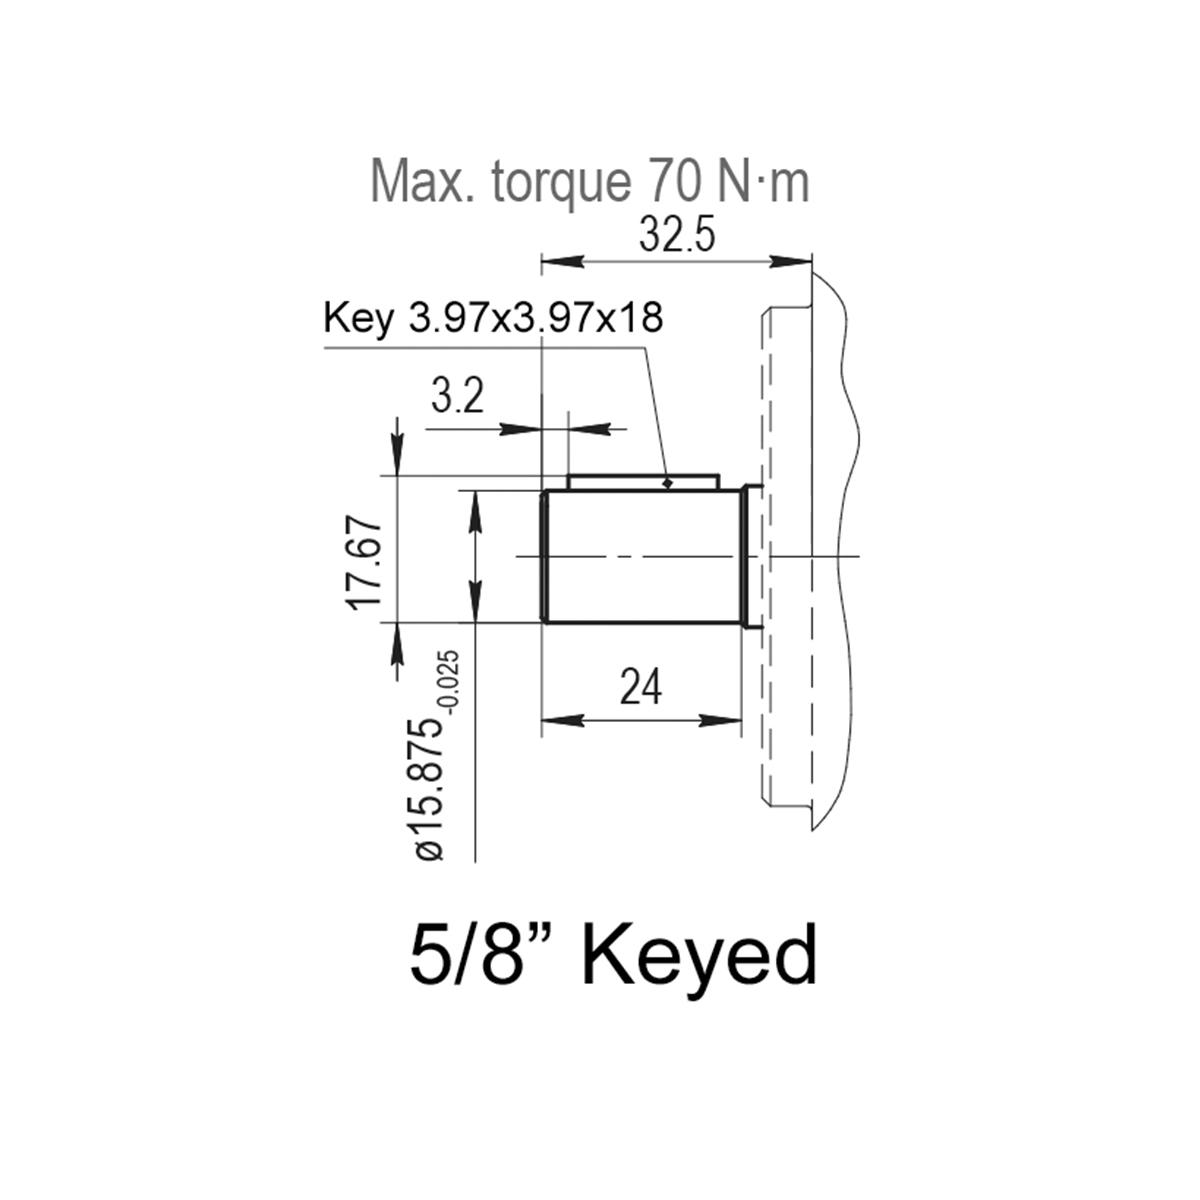 0.61 CID hydraulic gear pump, 5/8 keyed shaft clockwise gear pump | Magister Hydraulics